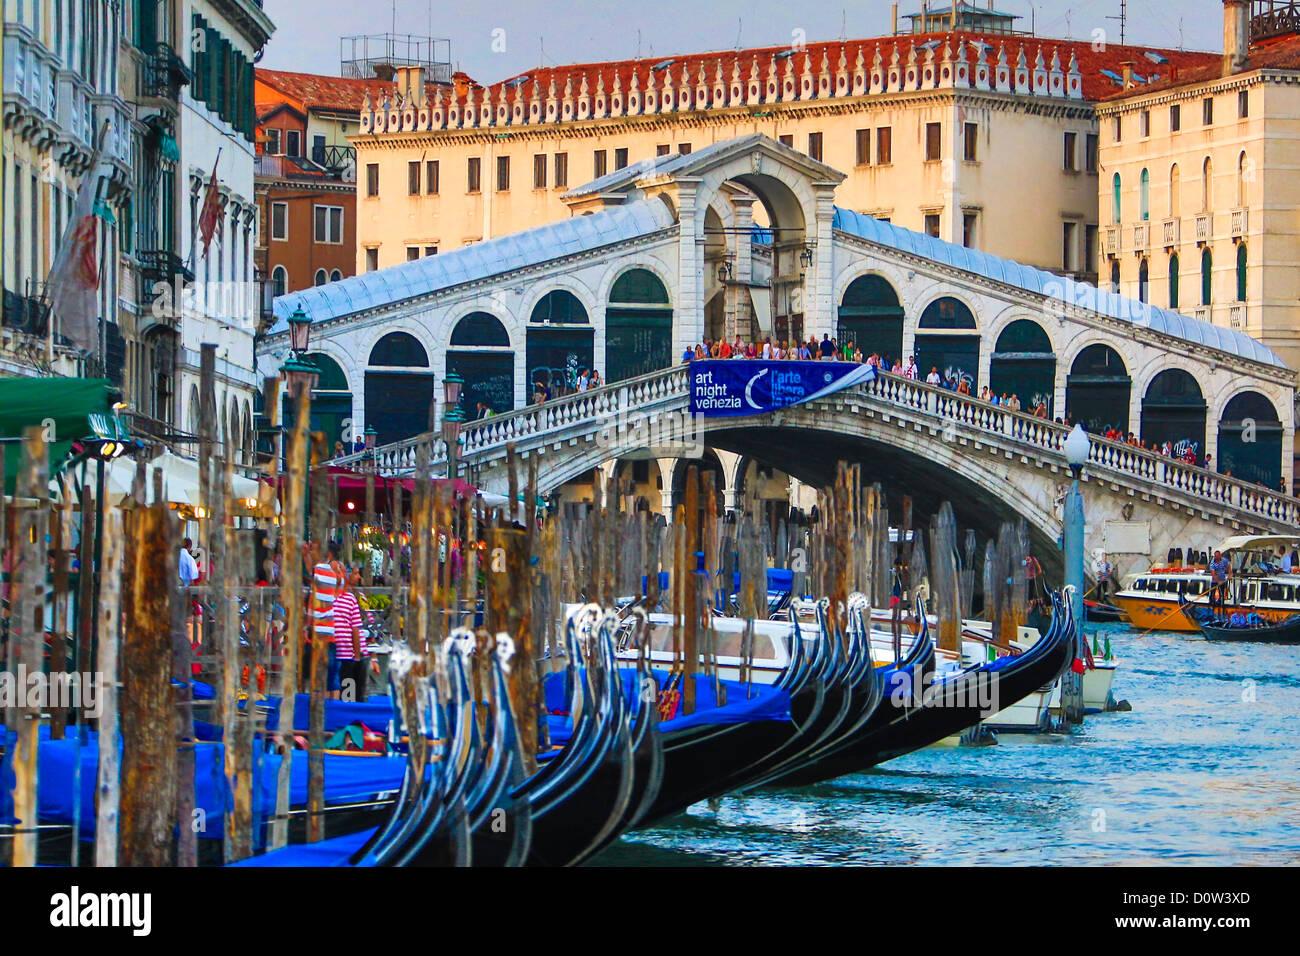 L'Italie, l'Europe, voyage, Venise, le Rialto, le pont, l'architecture, bateau, canal, couleurs, gondoles, Photo Stock